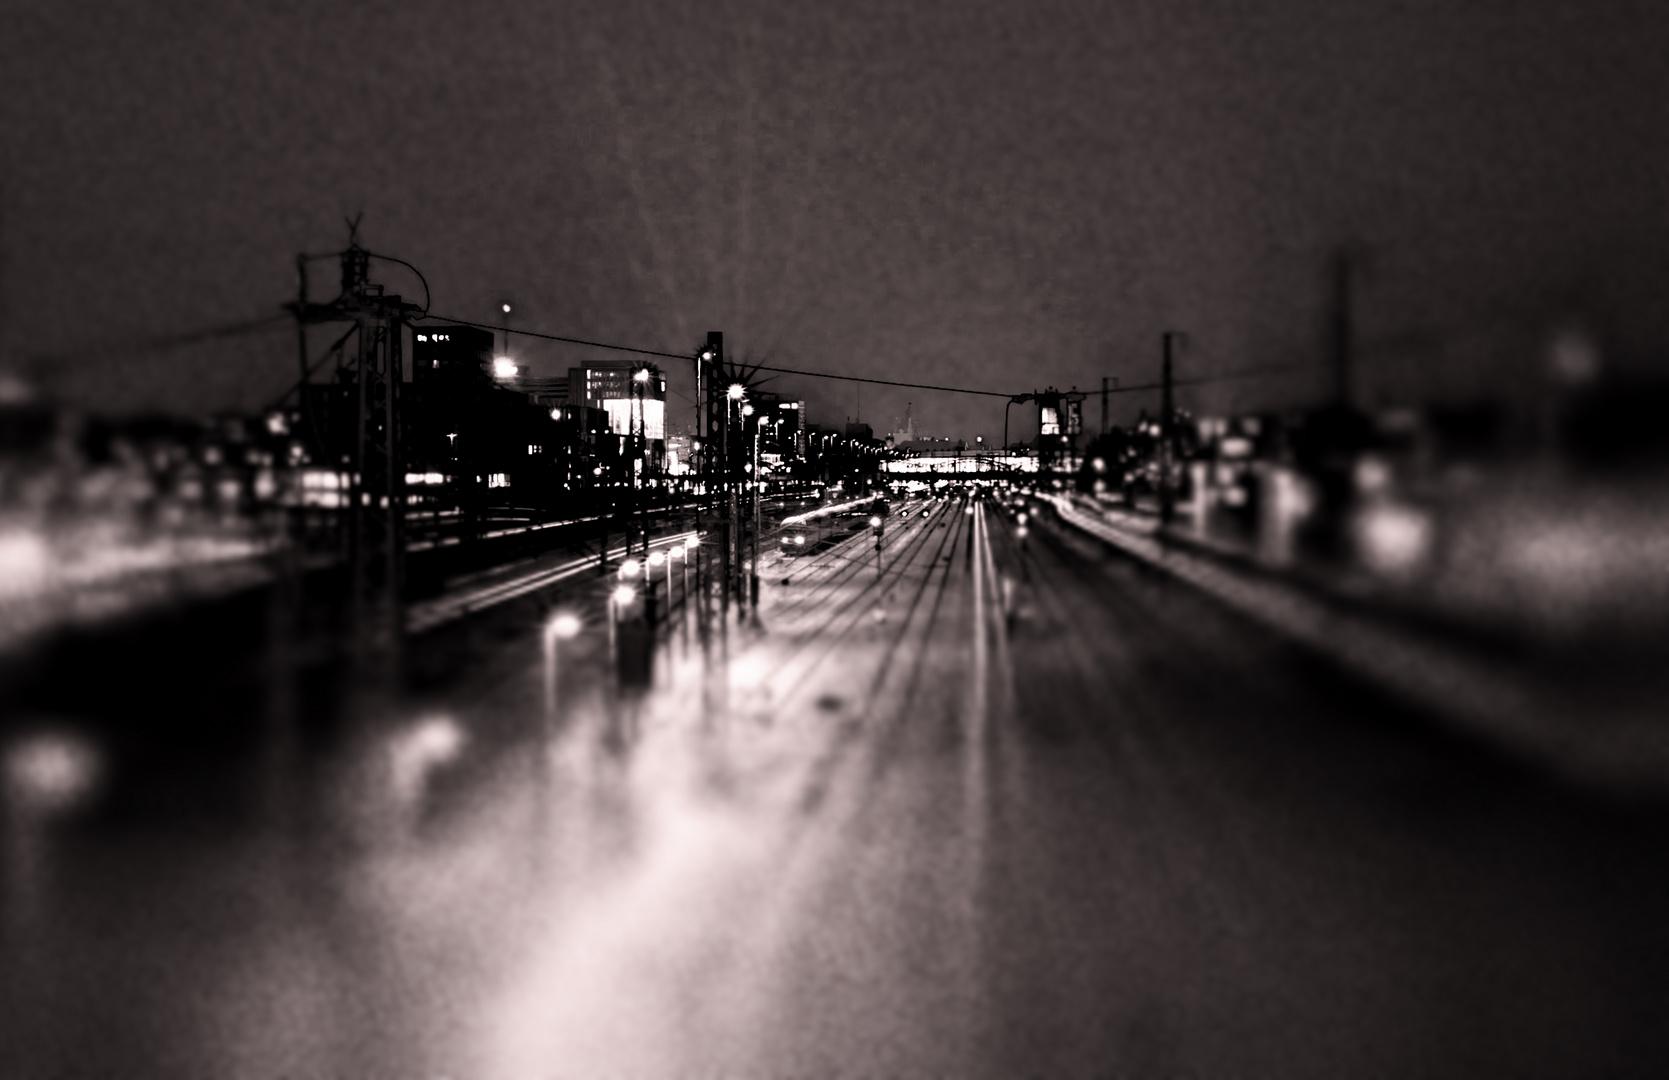 over railway lines